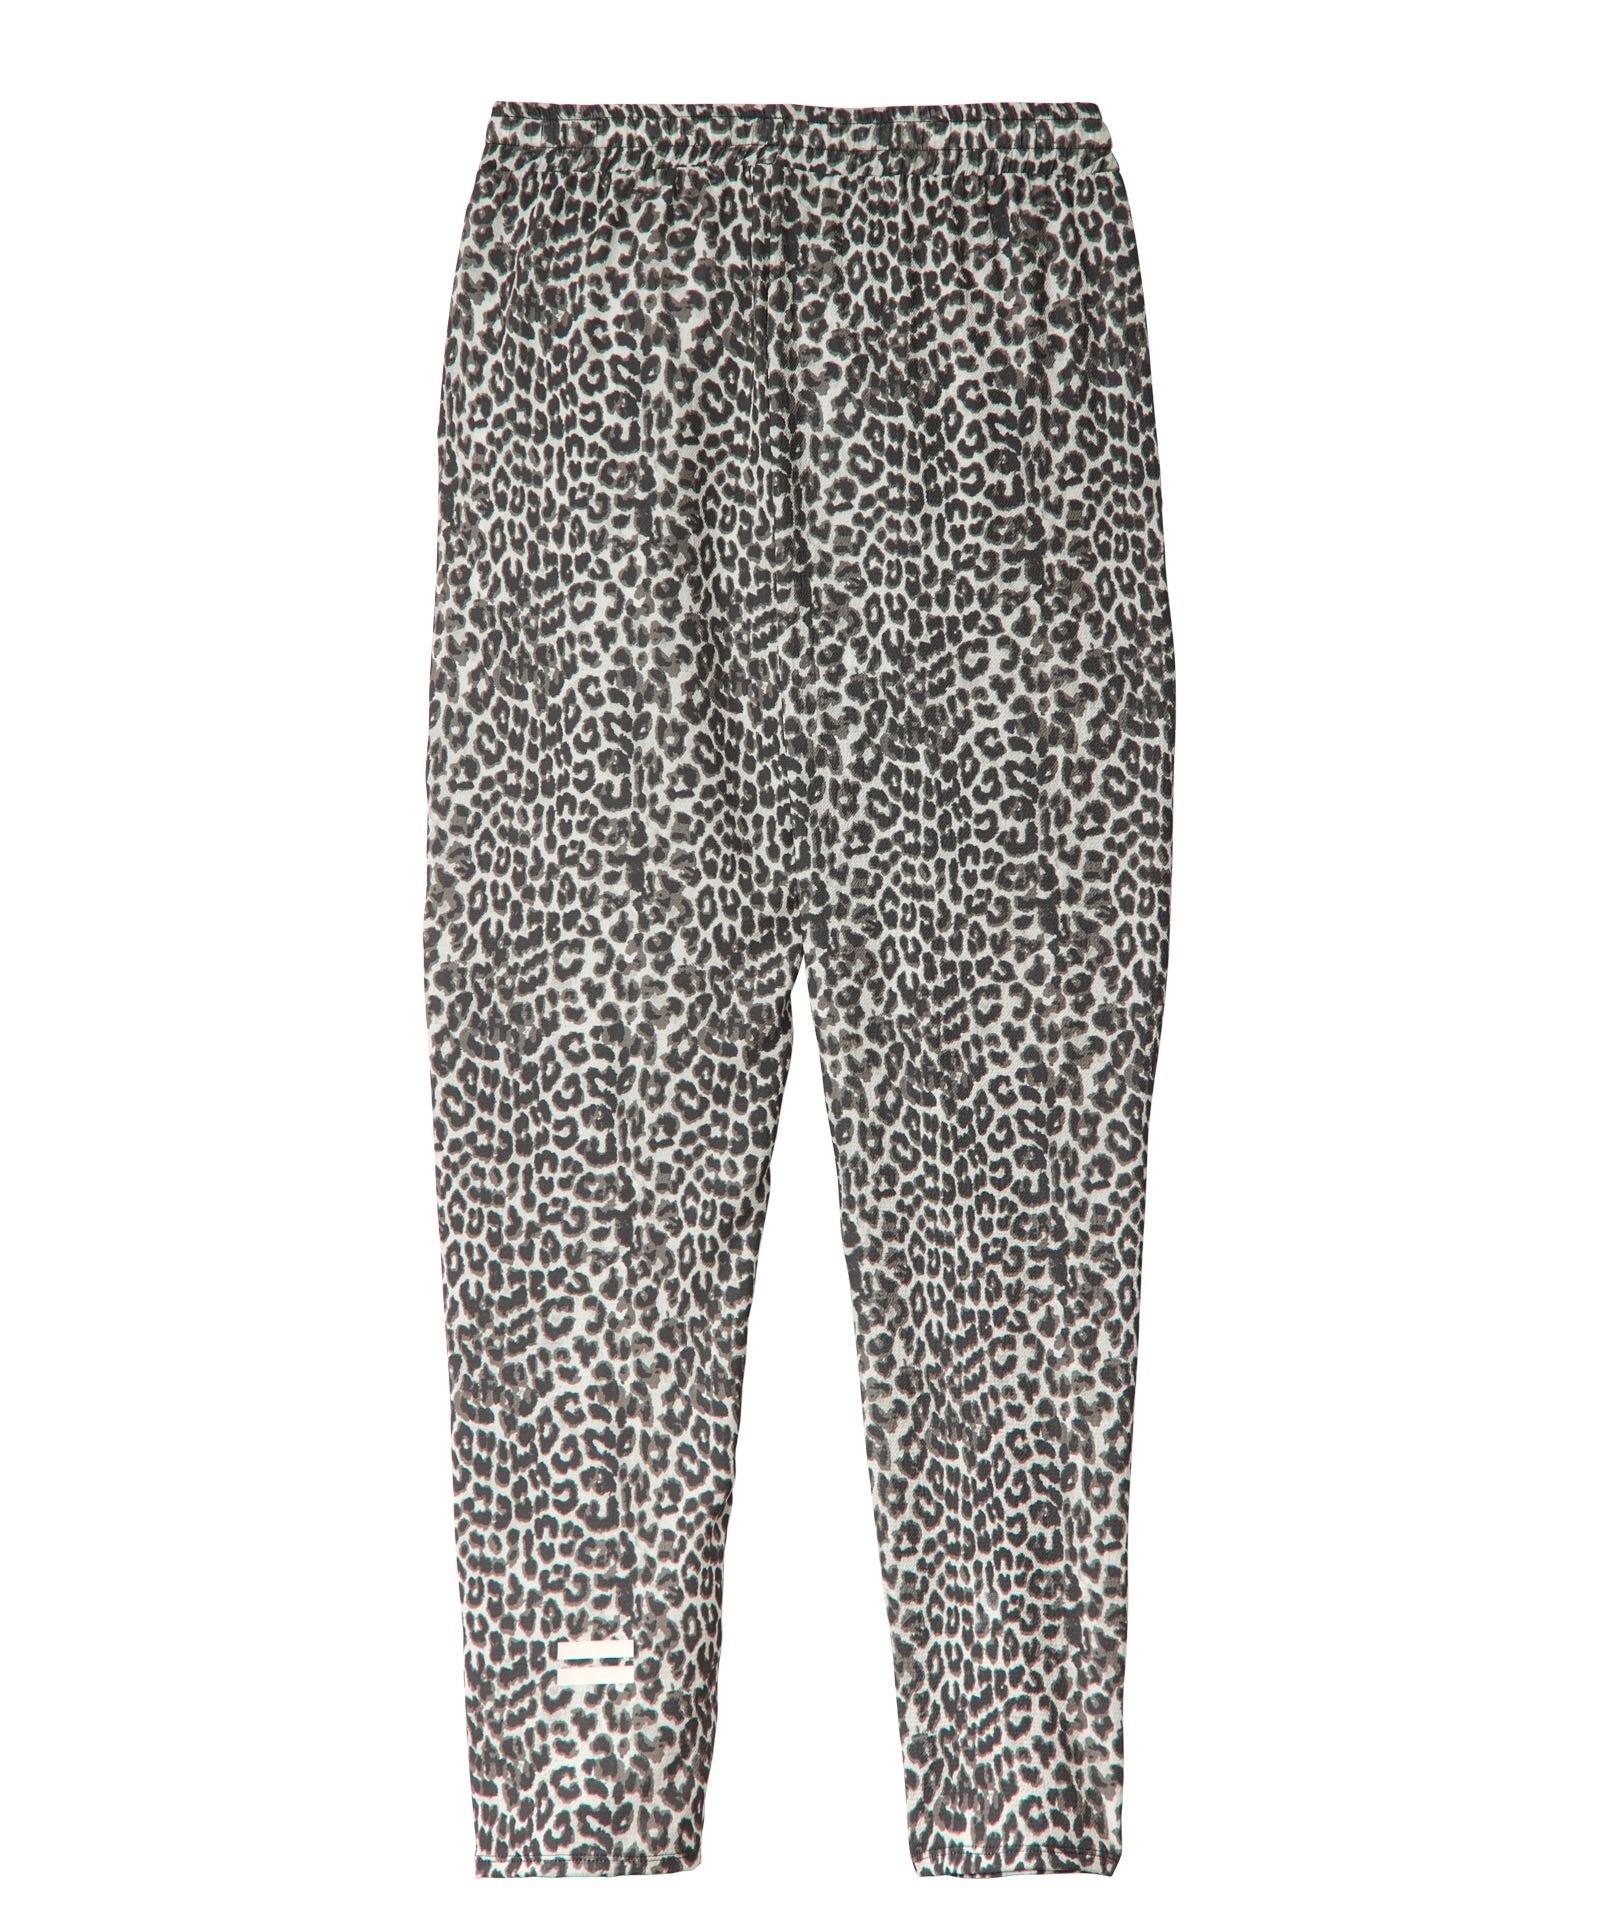 Broek Leopard White Sand-3